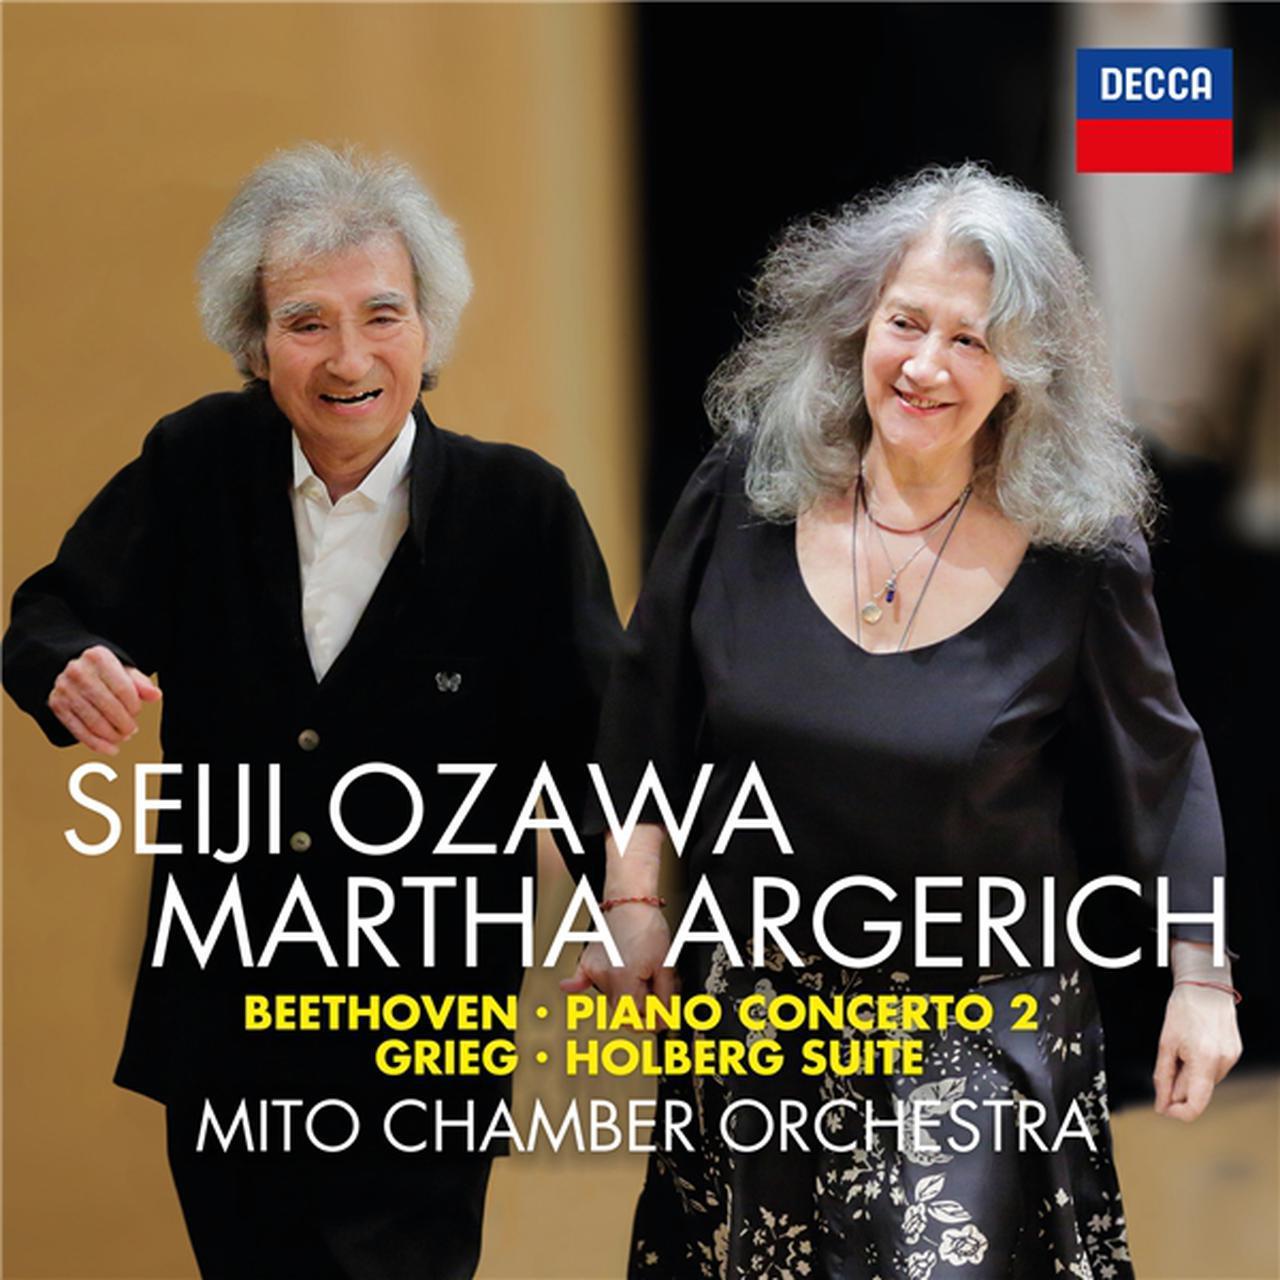 画像: ベートーヴェン: ピアノ協奏曲第2番 他 / マルタ・アルゲリッチ